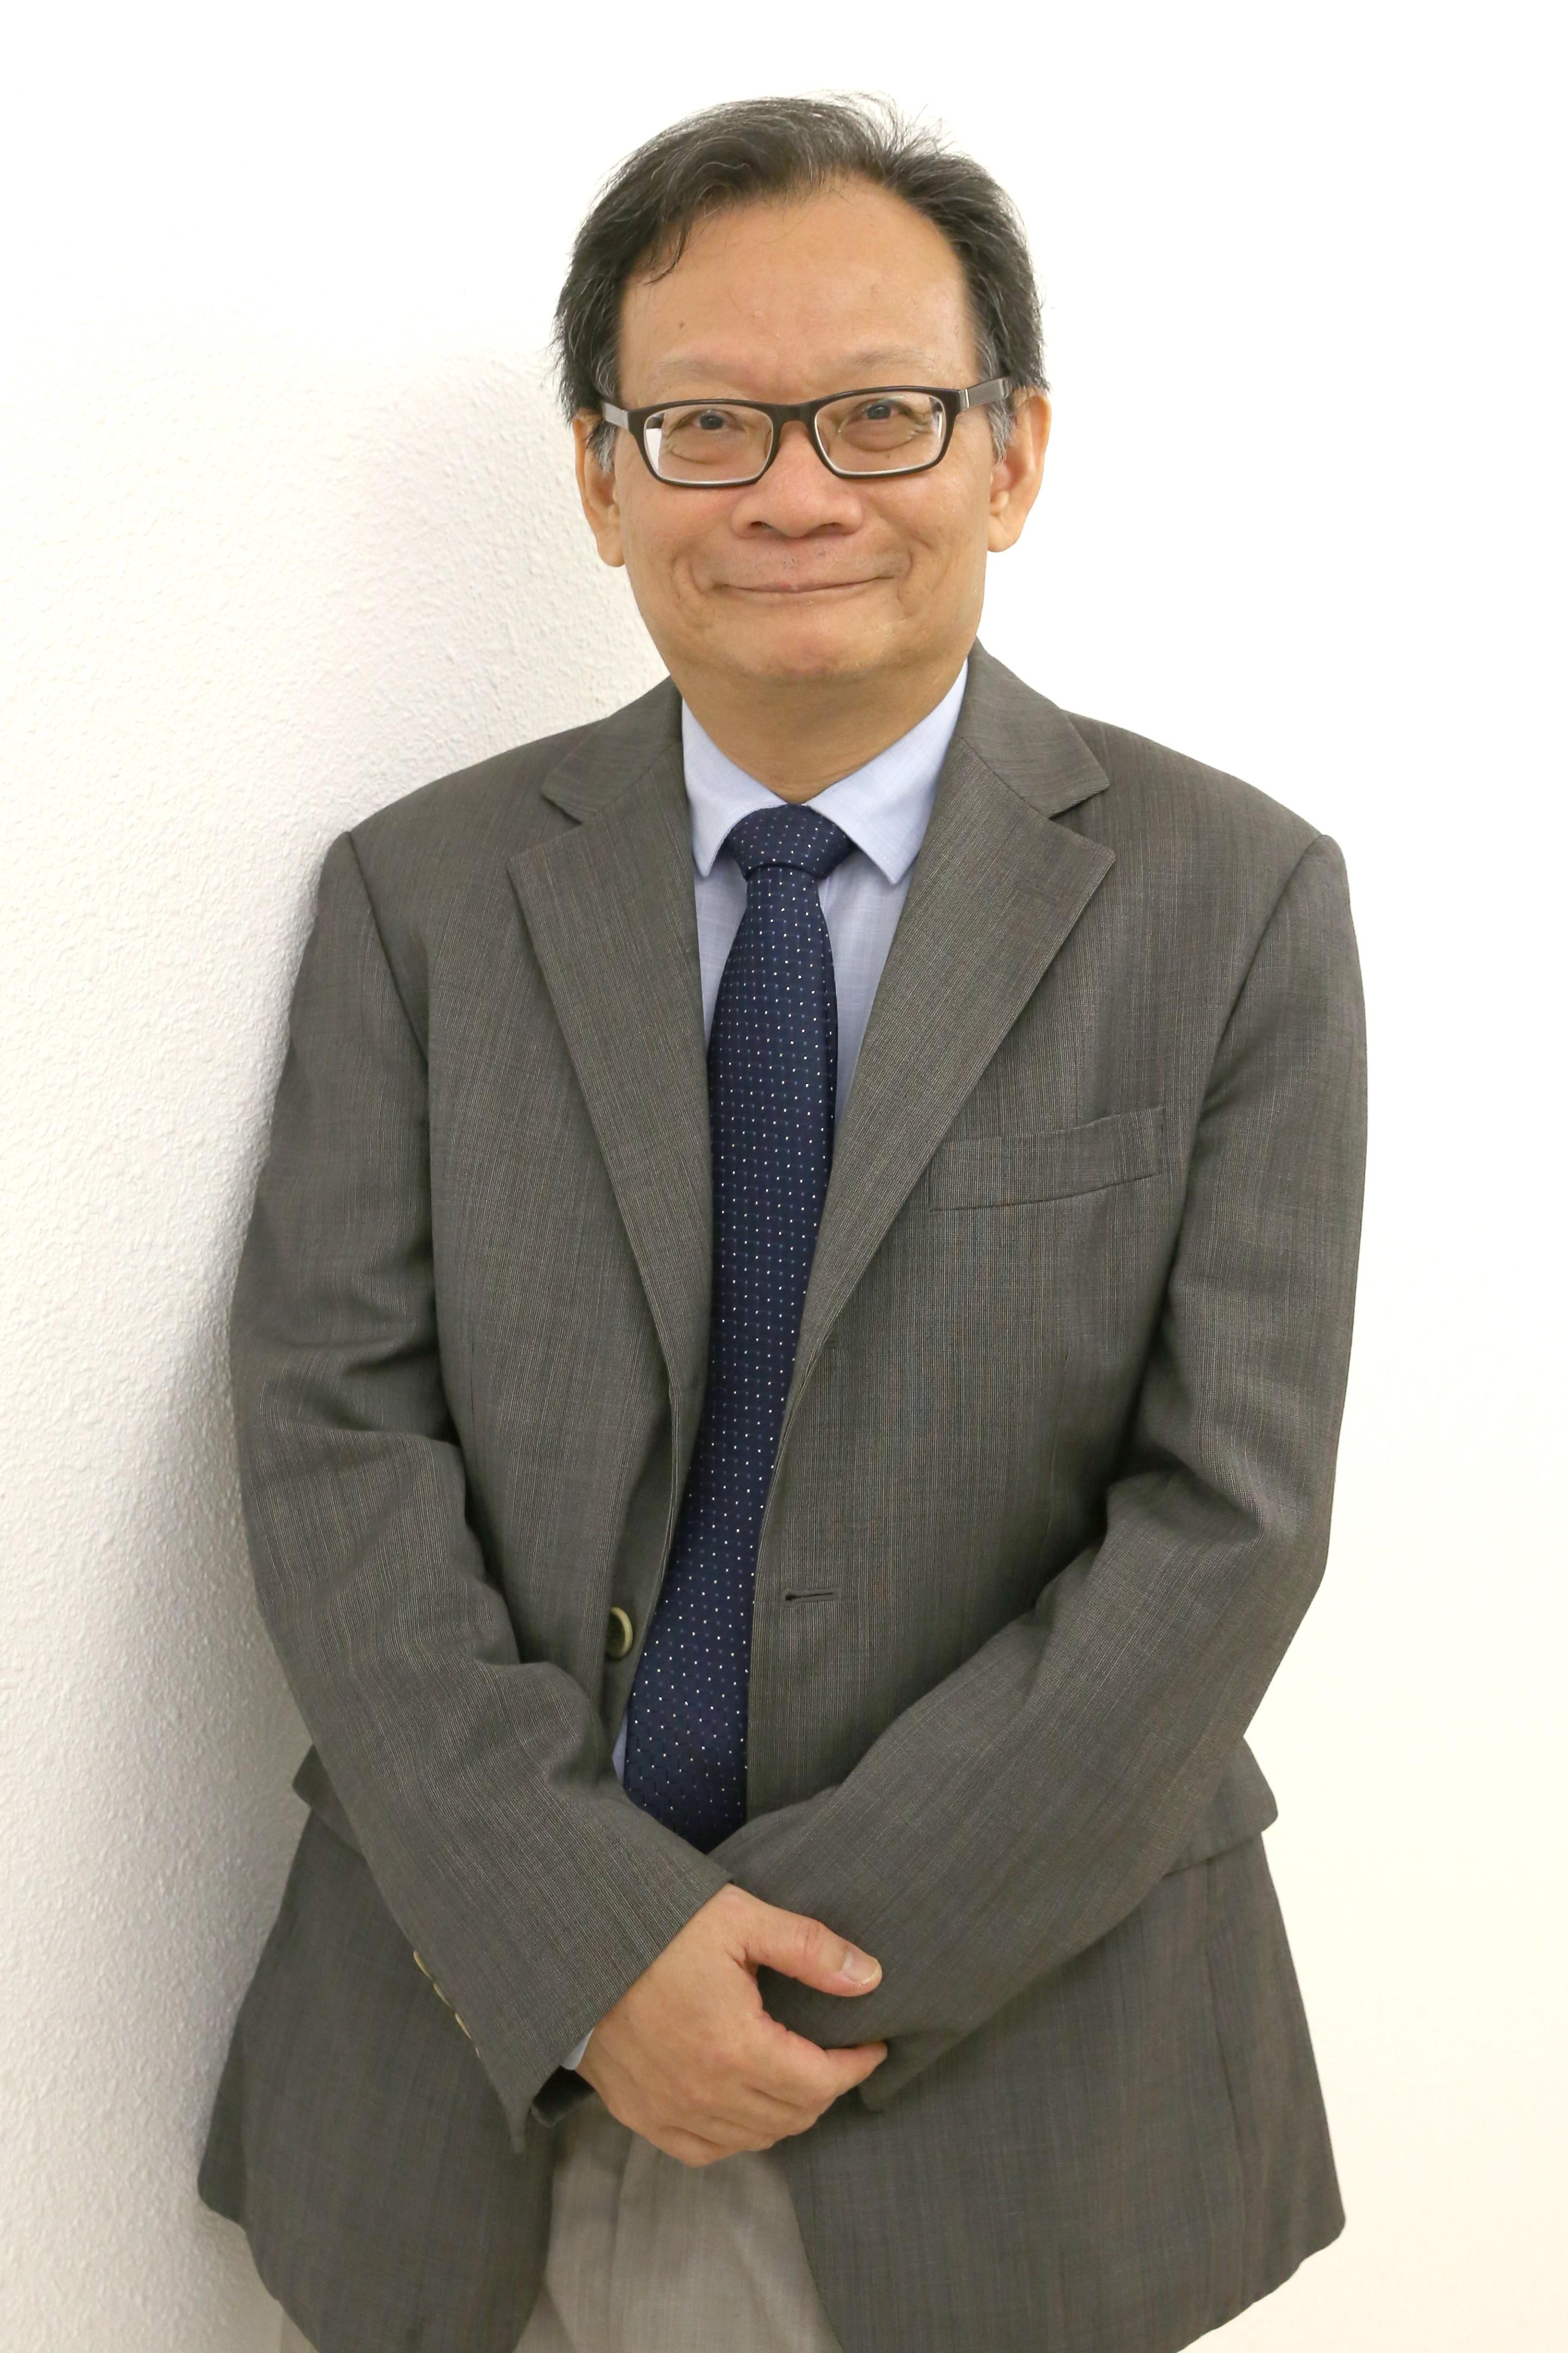 Professor Wai Keung LI